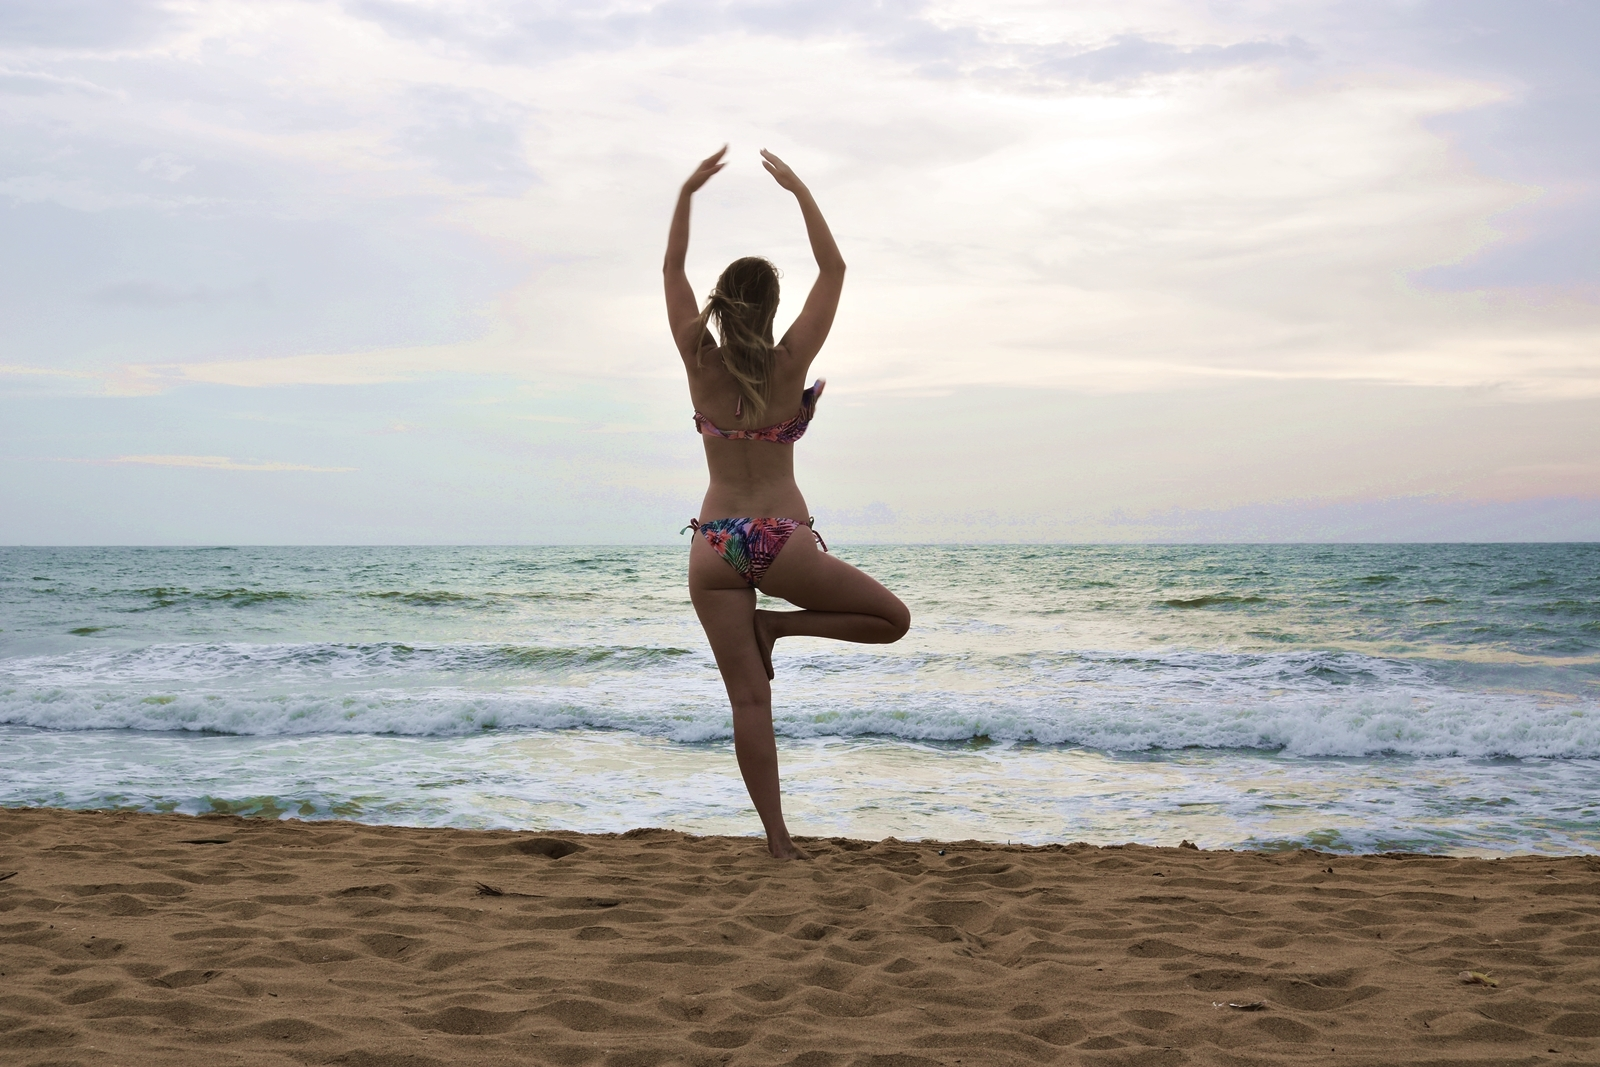 Detox Yoga - mit Yoga den Körper entgiften - Mit Yoga zur inneren Ruhe - Detox und Relax Yoga am Strand von Sri Lanka - Yoga Workouts - Fashionladyloves by Tamara Wagner - Lifestyle Blog aus Österreich